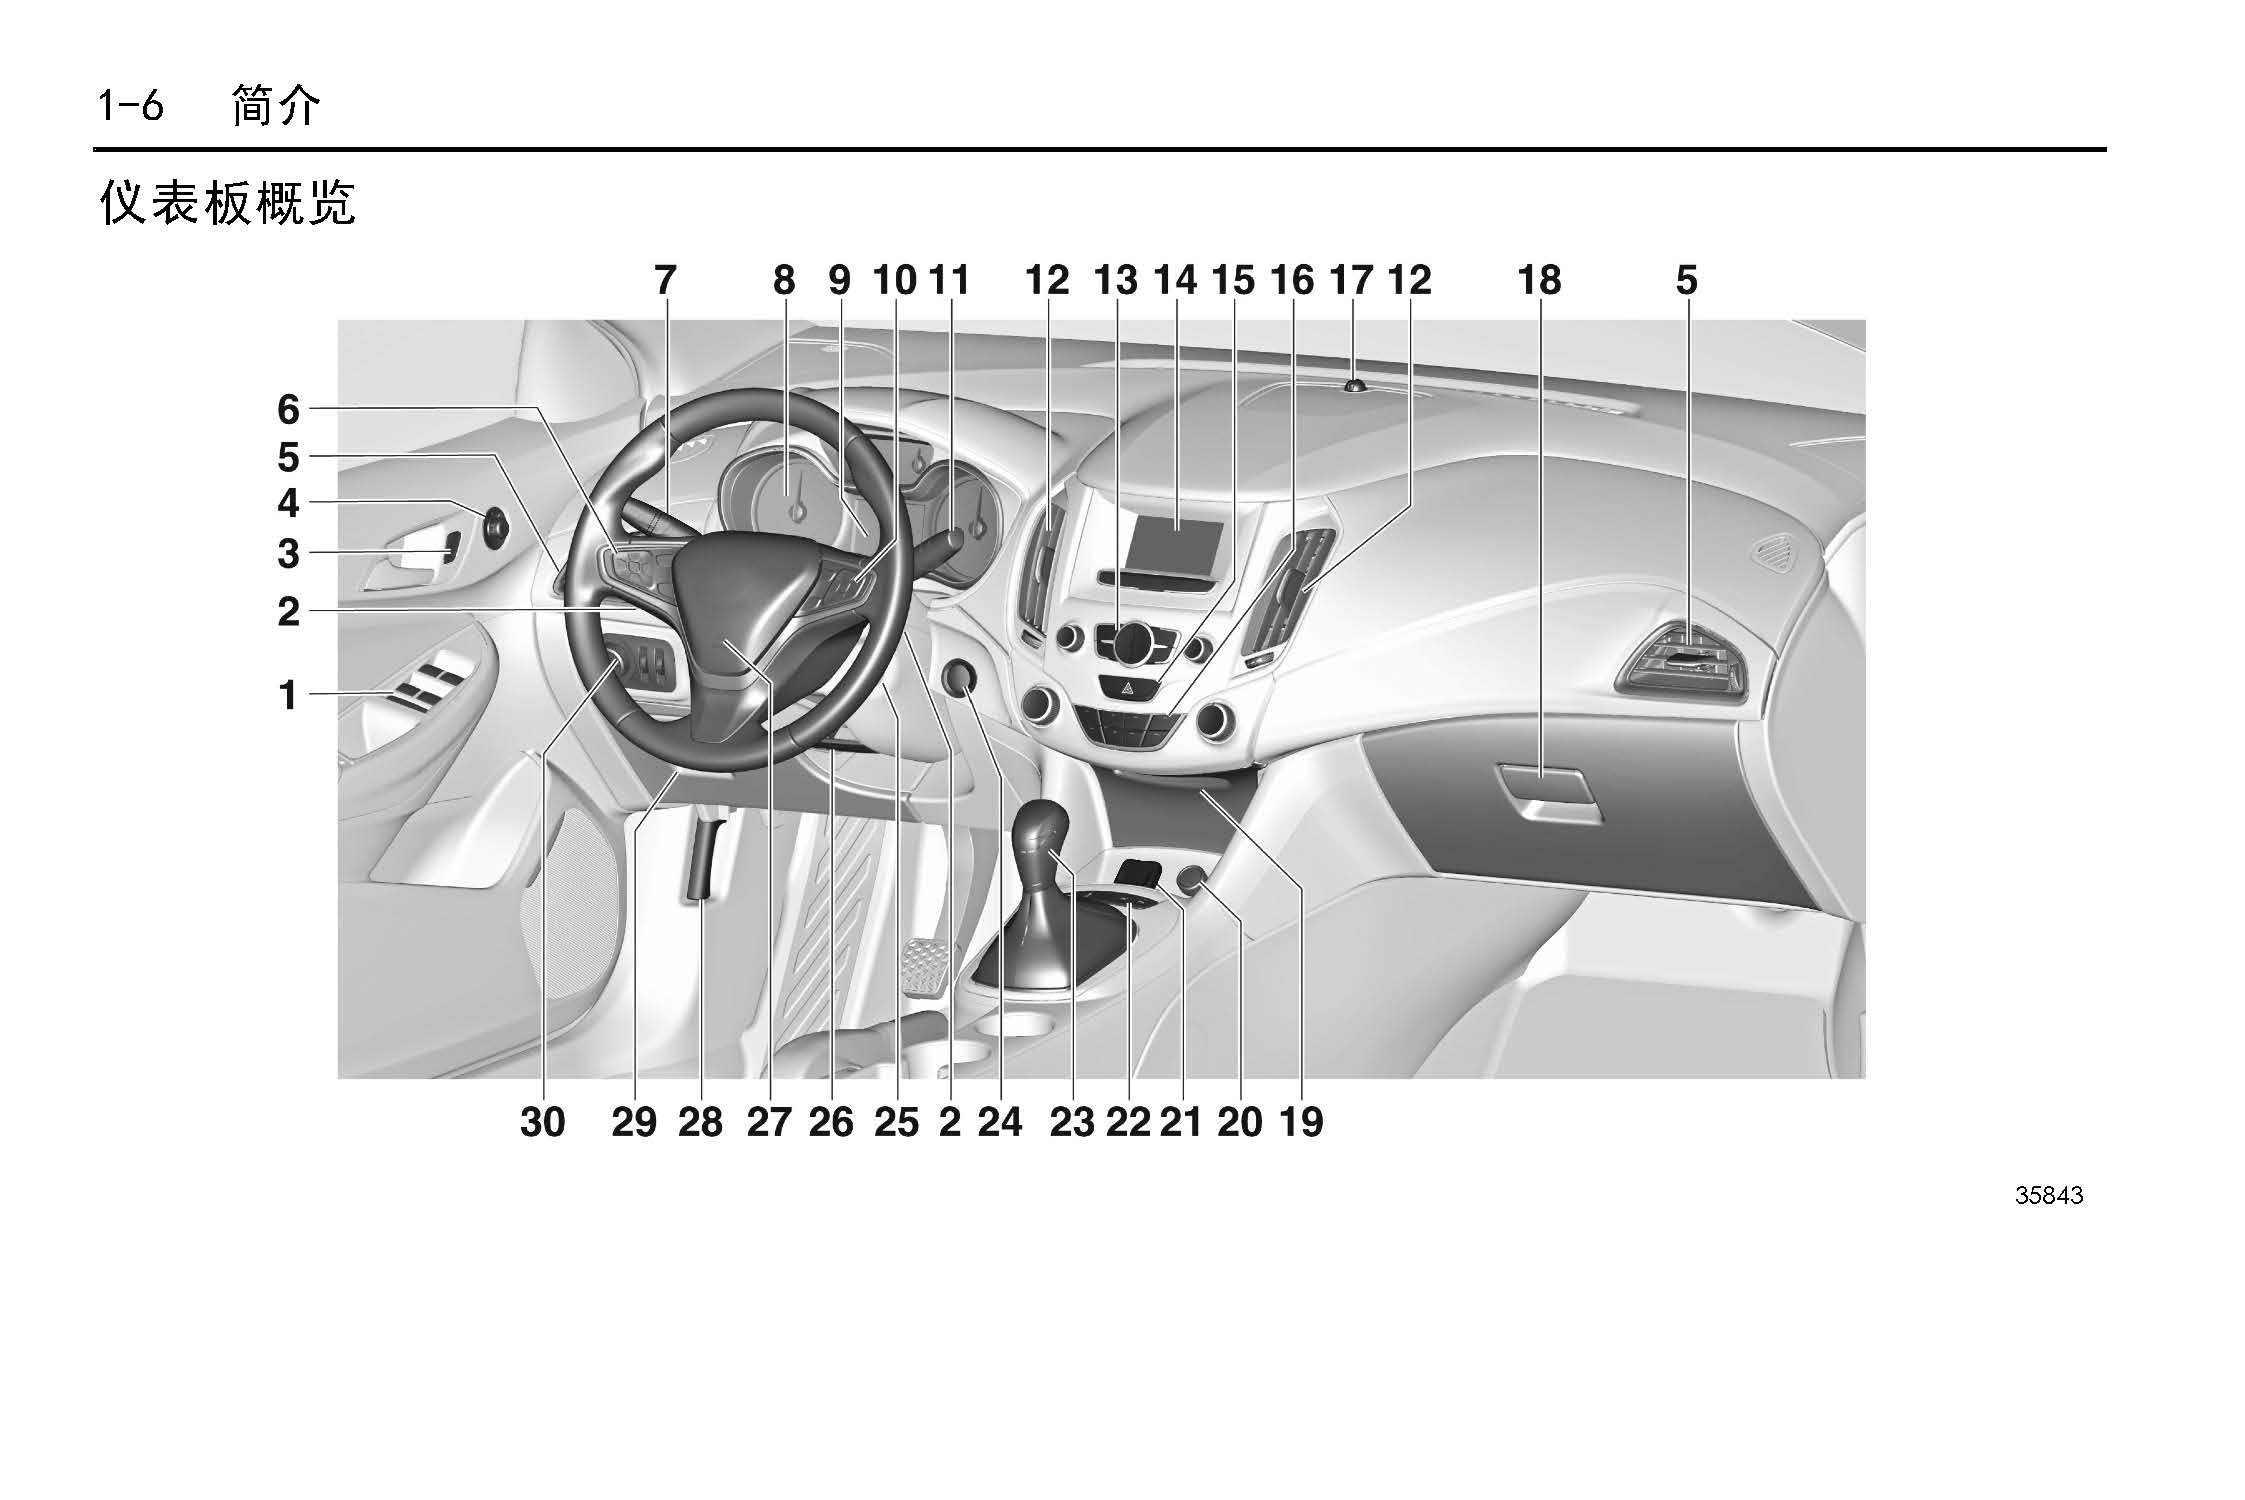 雪佛兰科鲁兹车主必备龙8:科鲁兹用户手册|科鲁